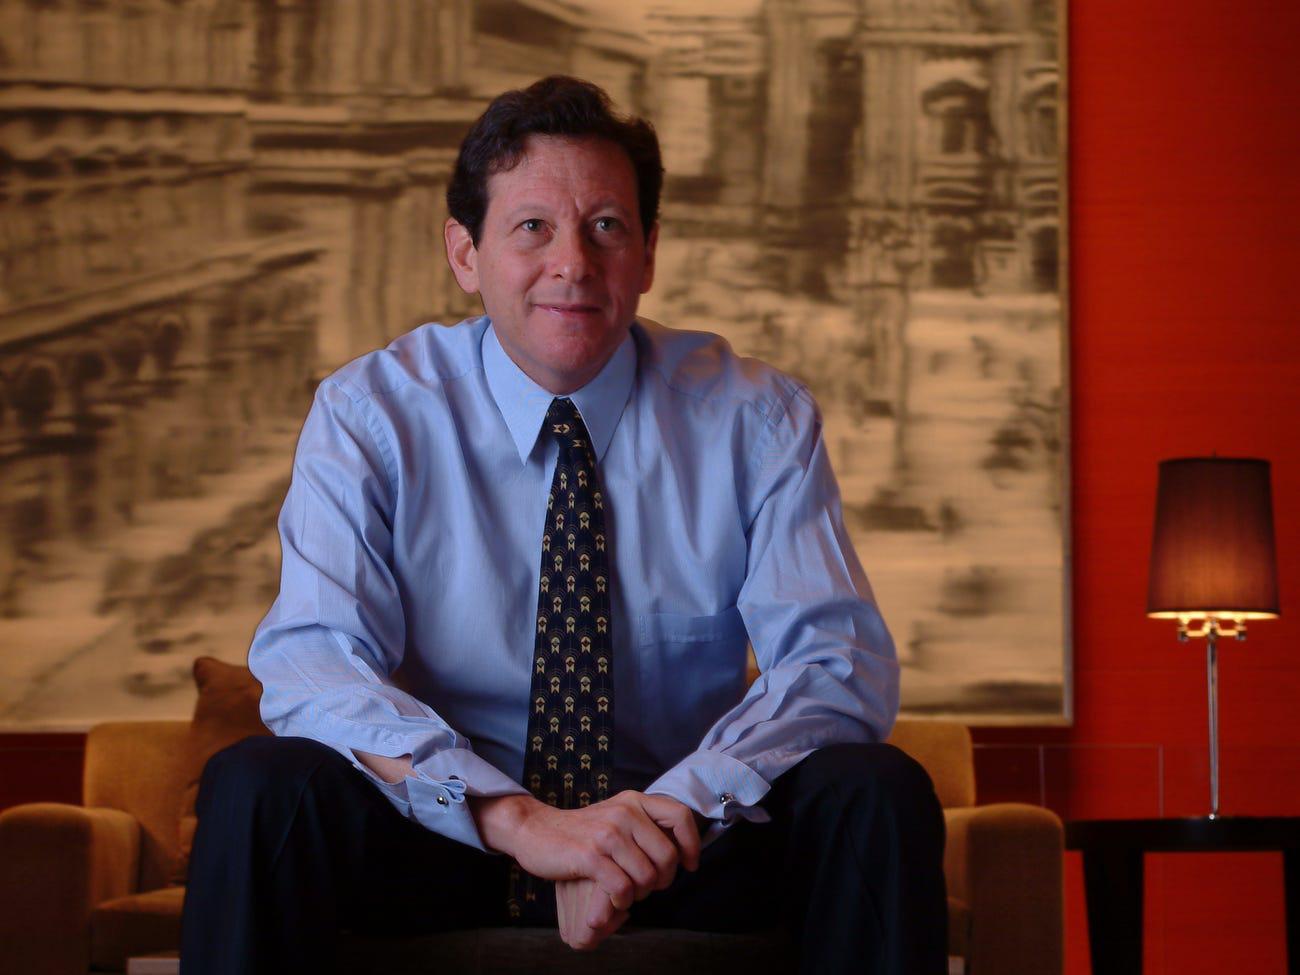 Tom Pritzker trở thành chủ tịch điều hành của Hyatt sau khi Jay qua đời.